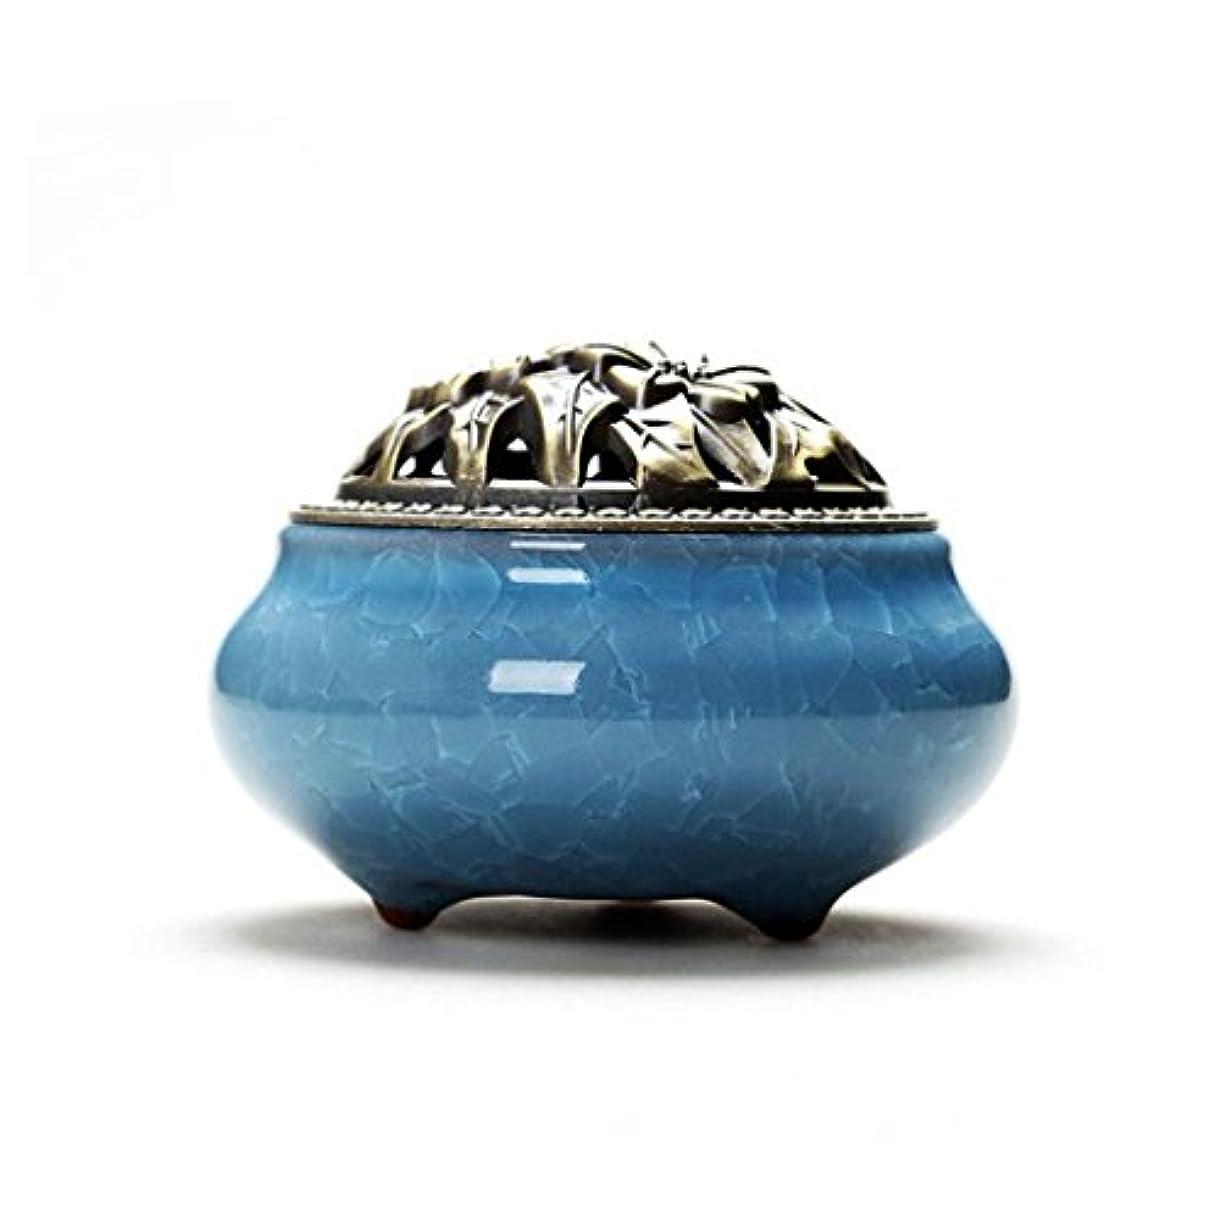 白雪姫広告する終了しましたAijoo 陶磁器 香炉 丸香炉 アロマ陶磁器 青磁 香立て付き アロマ アンティーク 渦巻き線香 アロマ などに 調選べる 9カラー